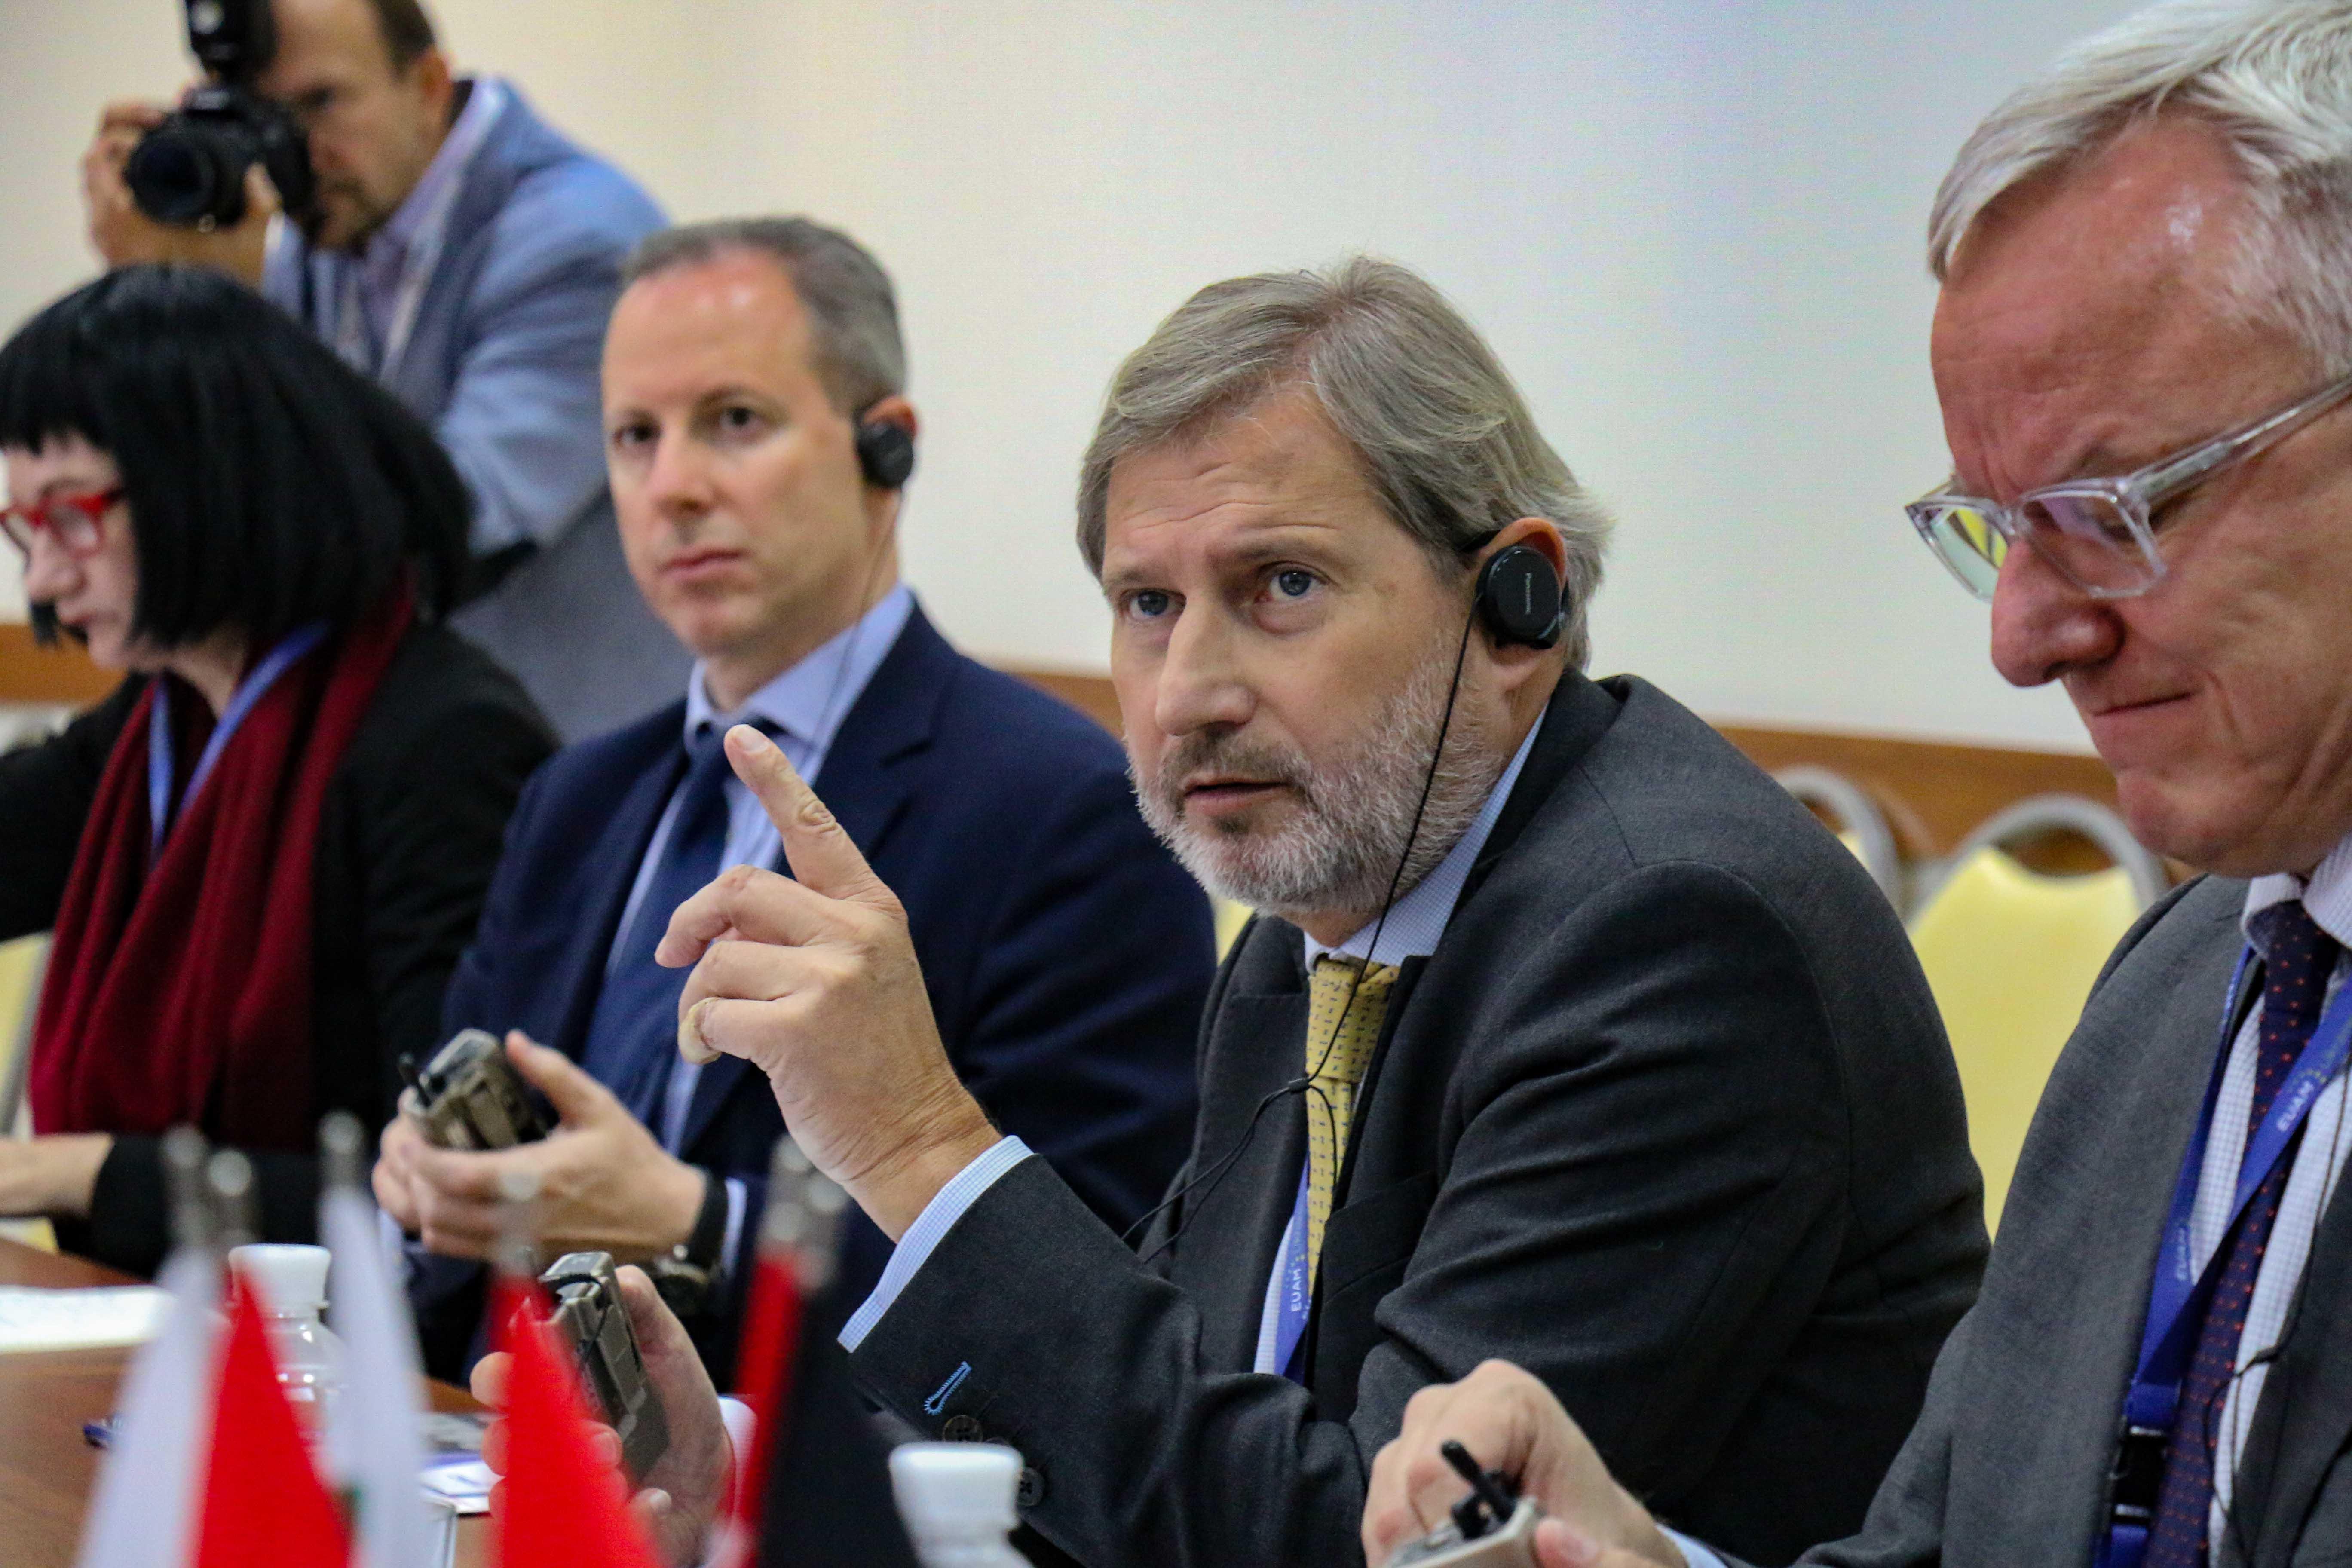 Міжнародна спільнота і українські громадяни чекають на якнайшвидший початок роботи Антикорупційного суду, – Єврокомісар Йоганнес Ган